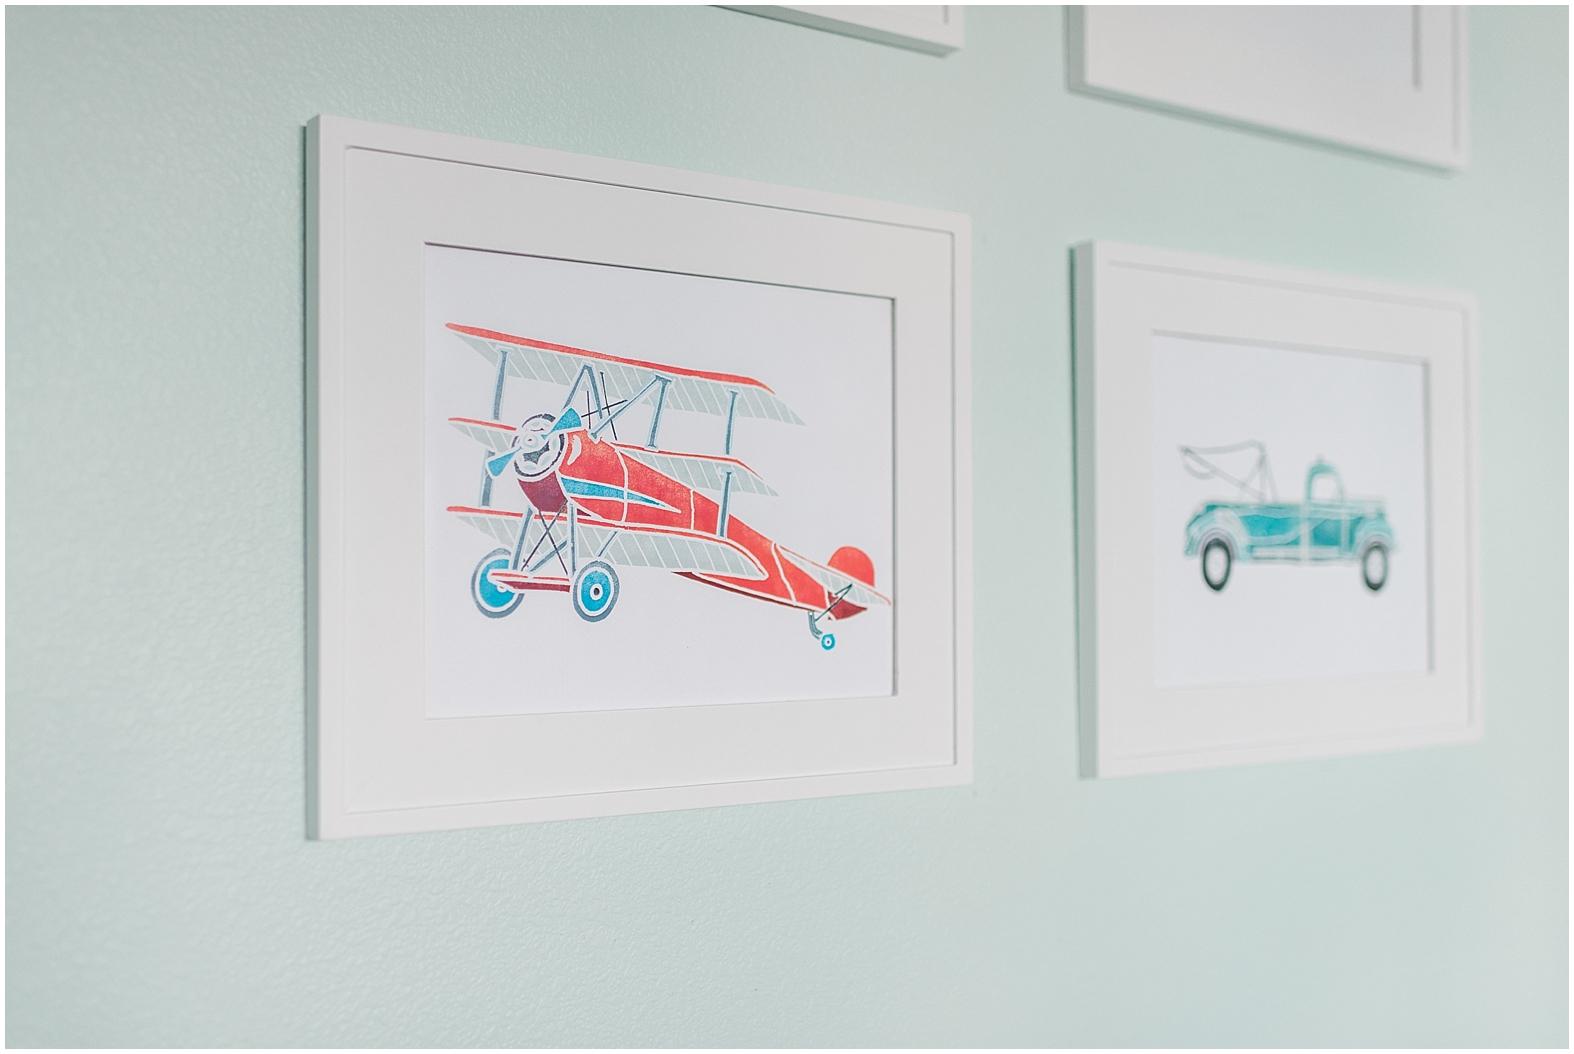 toddler room, transportation toddler room, cars room, airplane room, antique airplane room, toddler boy room, airplane theme room, car theme room